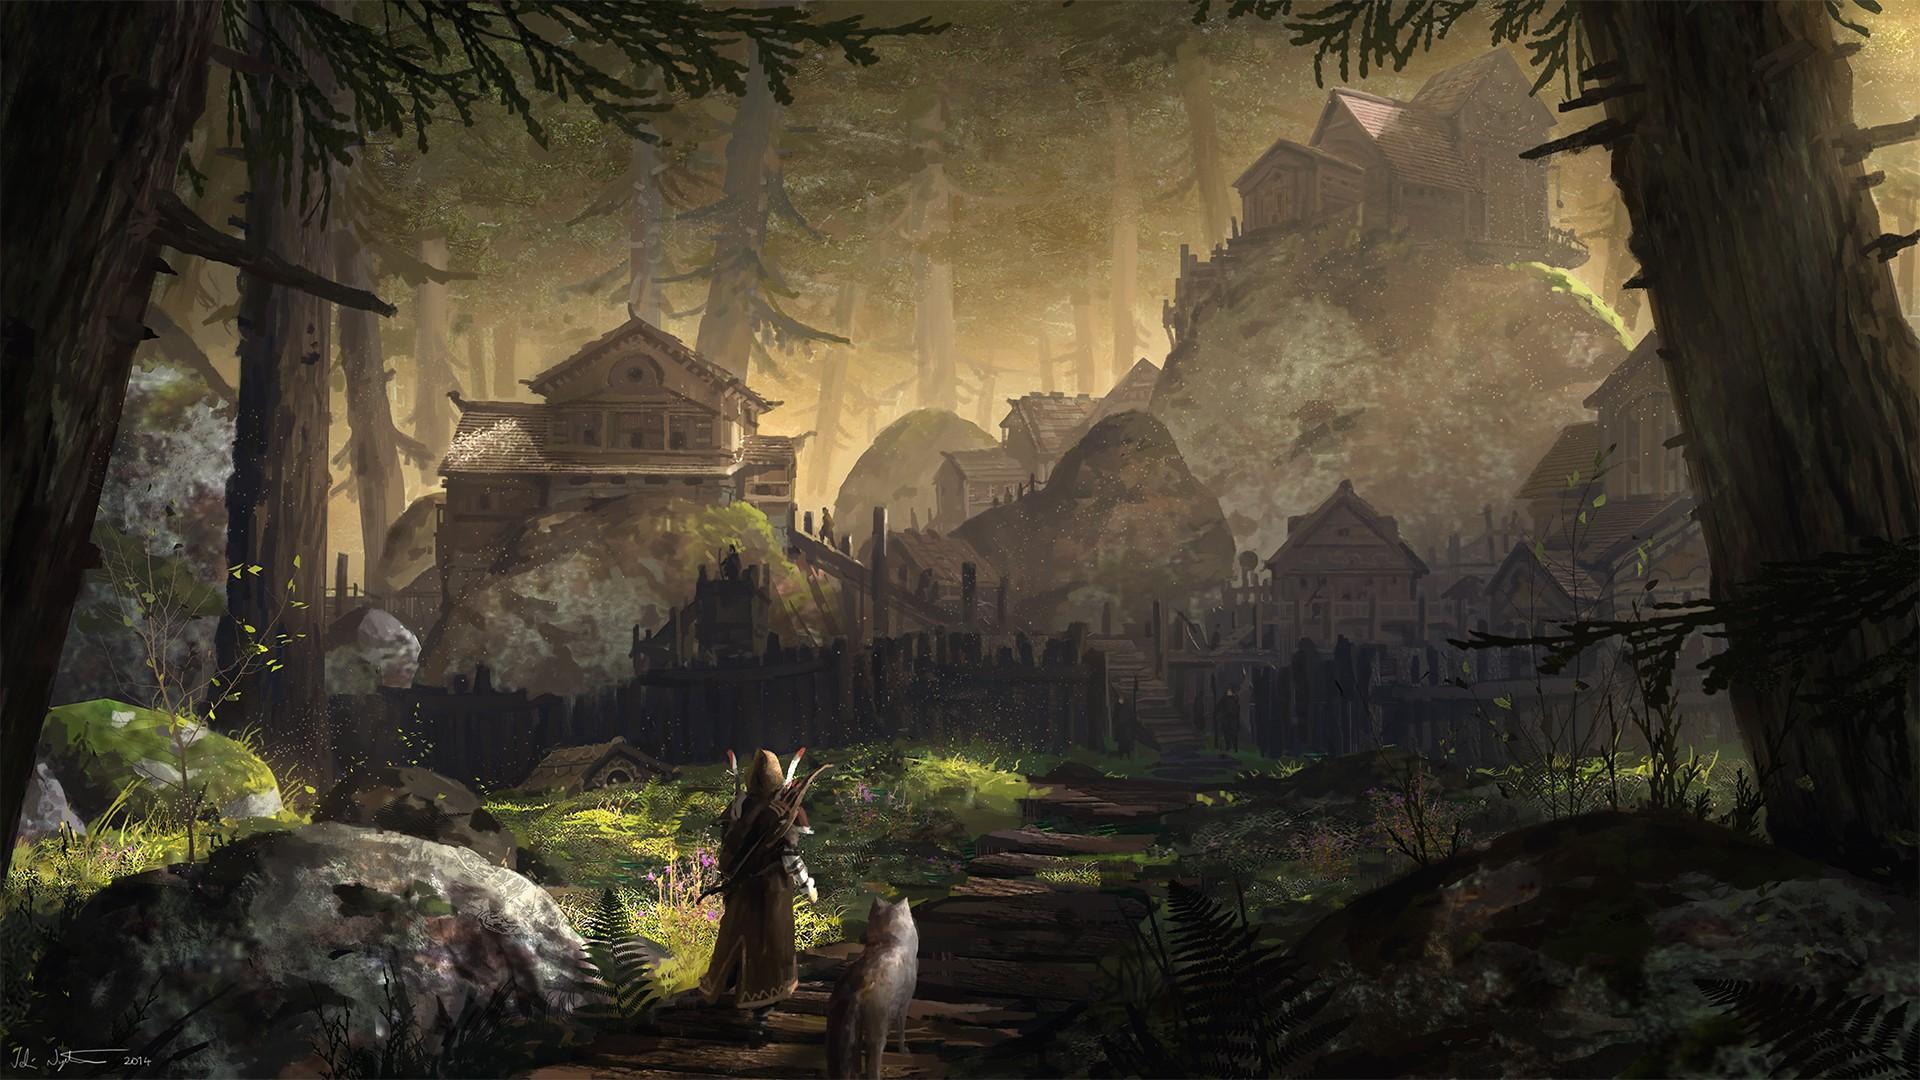 Fantasy Wallpaper 46